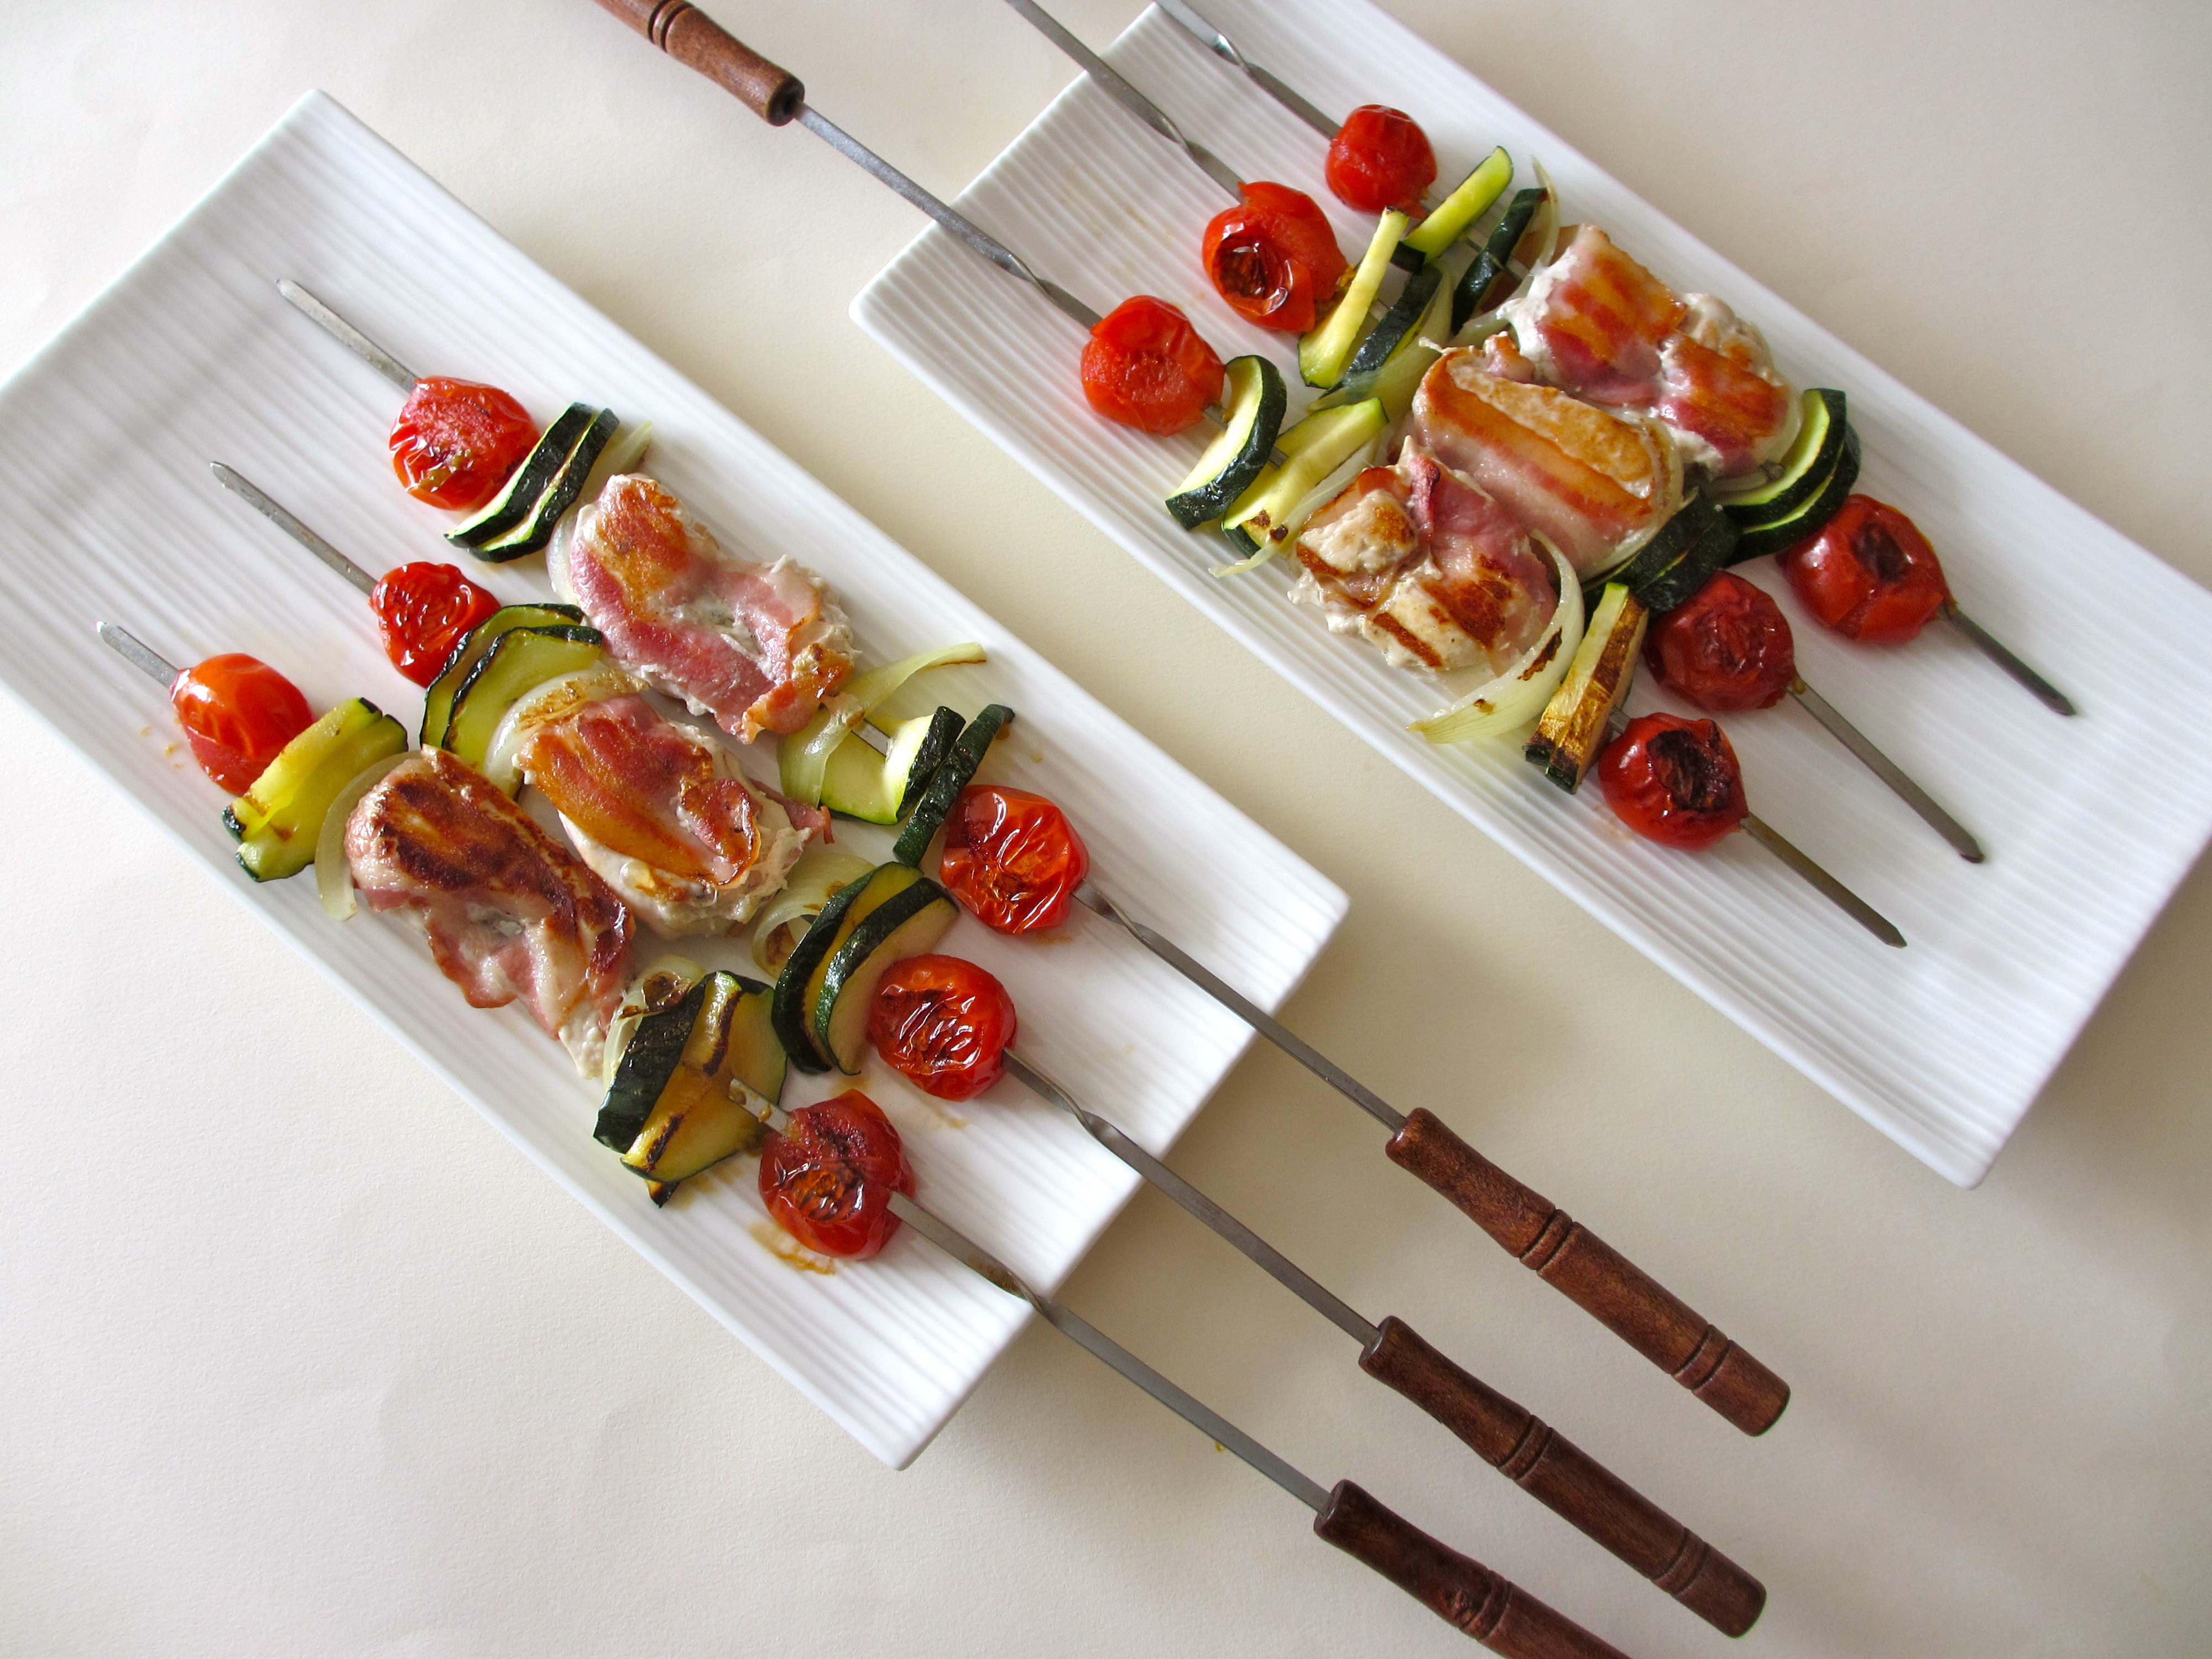 Brochettes de poulet marin aux lards et petits l gumes - Brochettes de poissons marines et grilles ...